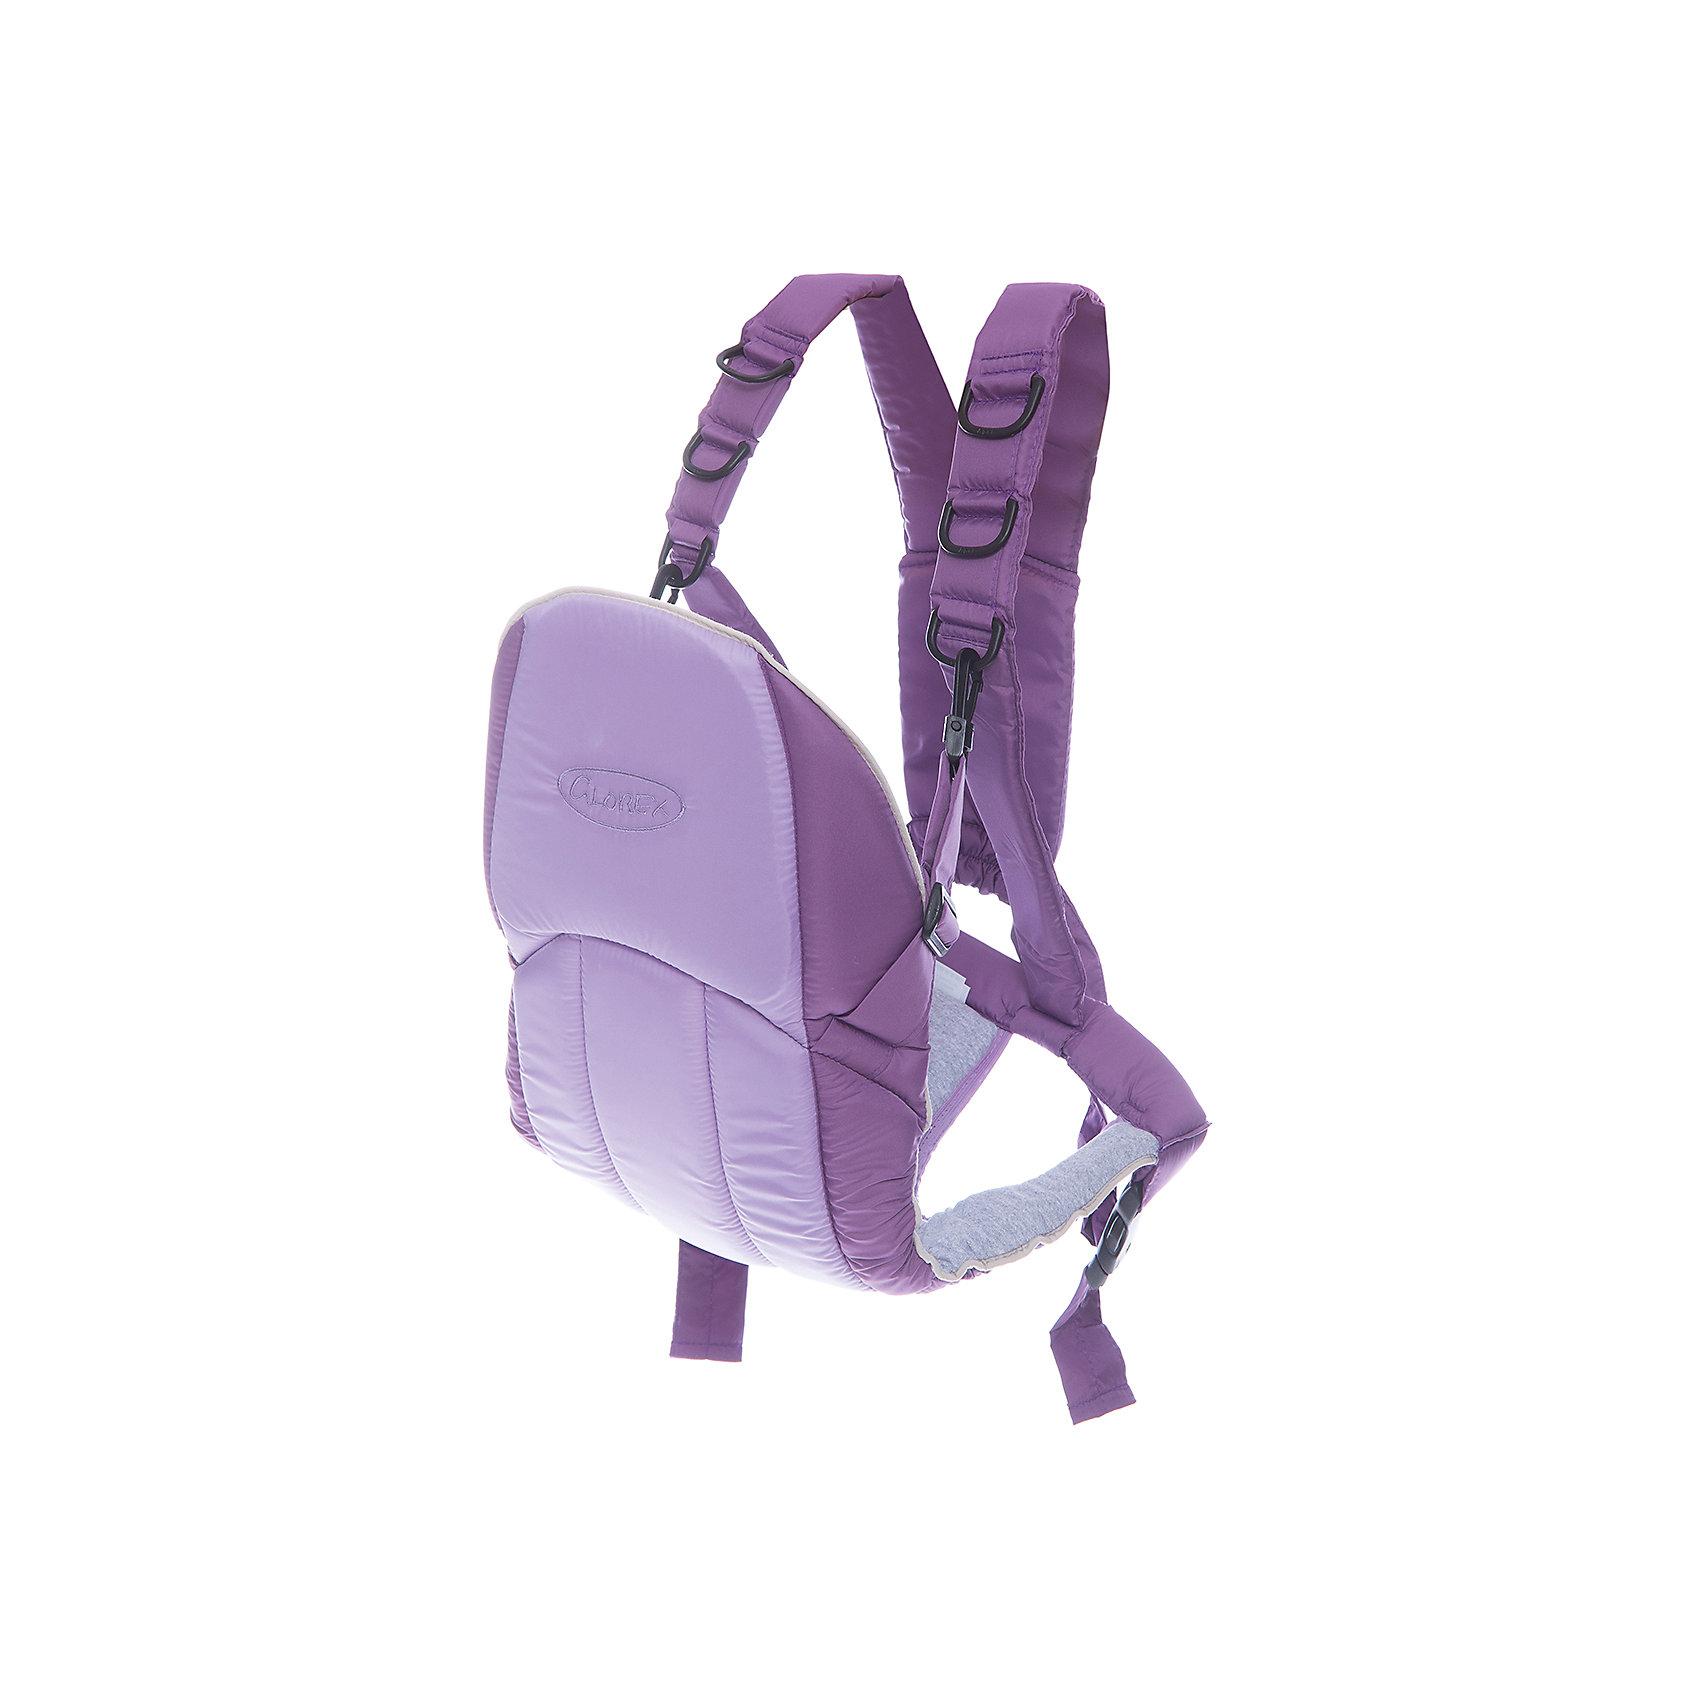 Рюкзак-кенгуру Кенга, Globex, сиреневыйСлинги и рюкзаки-переноски<br>Характеристики рюкзака-кенгуру Kenga:<br><br>• анатомический рюкзак-кенгуру с жесткой спинкой;<br>• возраст ребенка: от 2 до 8 месяцев;<br>• вес ребенка: до 7,7 кг;<br>• 2 положения ребенка: «лицом к лицу» и «лицом вперед»;<br>• надежная фиксация - пластиковые карабины;<br>• удобные застежки;<br>• имеется съемный слюнявчик;<br>• размер упаковки: 36х27х10 см;<br>• вес: 600 г.<br><br>Рюкзак-кенгуру «Кенга» позволяет носить ребенка таким образом, чтобы снизить давление на плечи и равномерно распределить нагрузку на спину. Малыш может находиться в рюкзачке в двух положениях: либо смотреть на маму, либо изучать окружающий мир. <br><br>Рюкзак-кенгуру Кенга, Глобэкс можно купить в нашем интернет-магазине.<br><br>Ширина мм: 360<br>Глубина мм: 270<br>Высота мм: 100<br>Вес г: 600<br>Возраст от месяцев: 4<br>Возраст до месяцев: 10<br>Пол: Унисекс<br>Возраст: Детский<br>SKU: 6841252